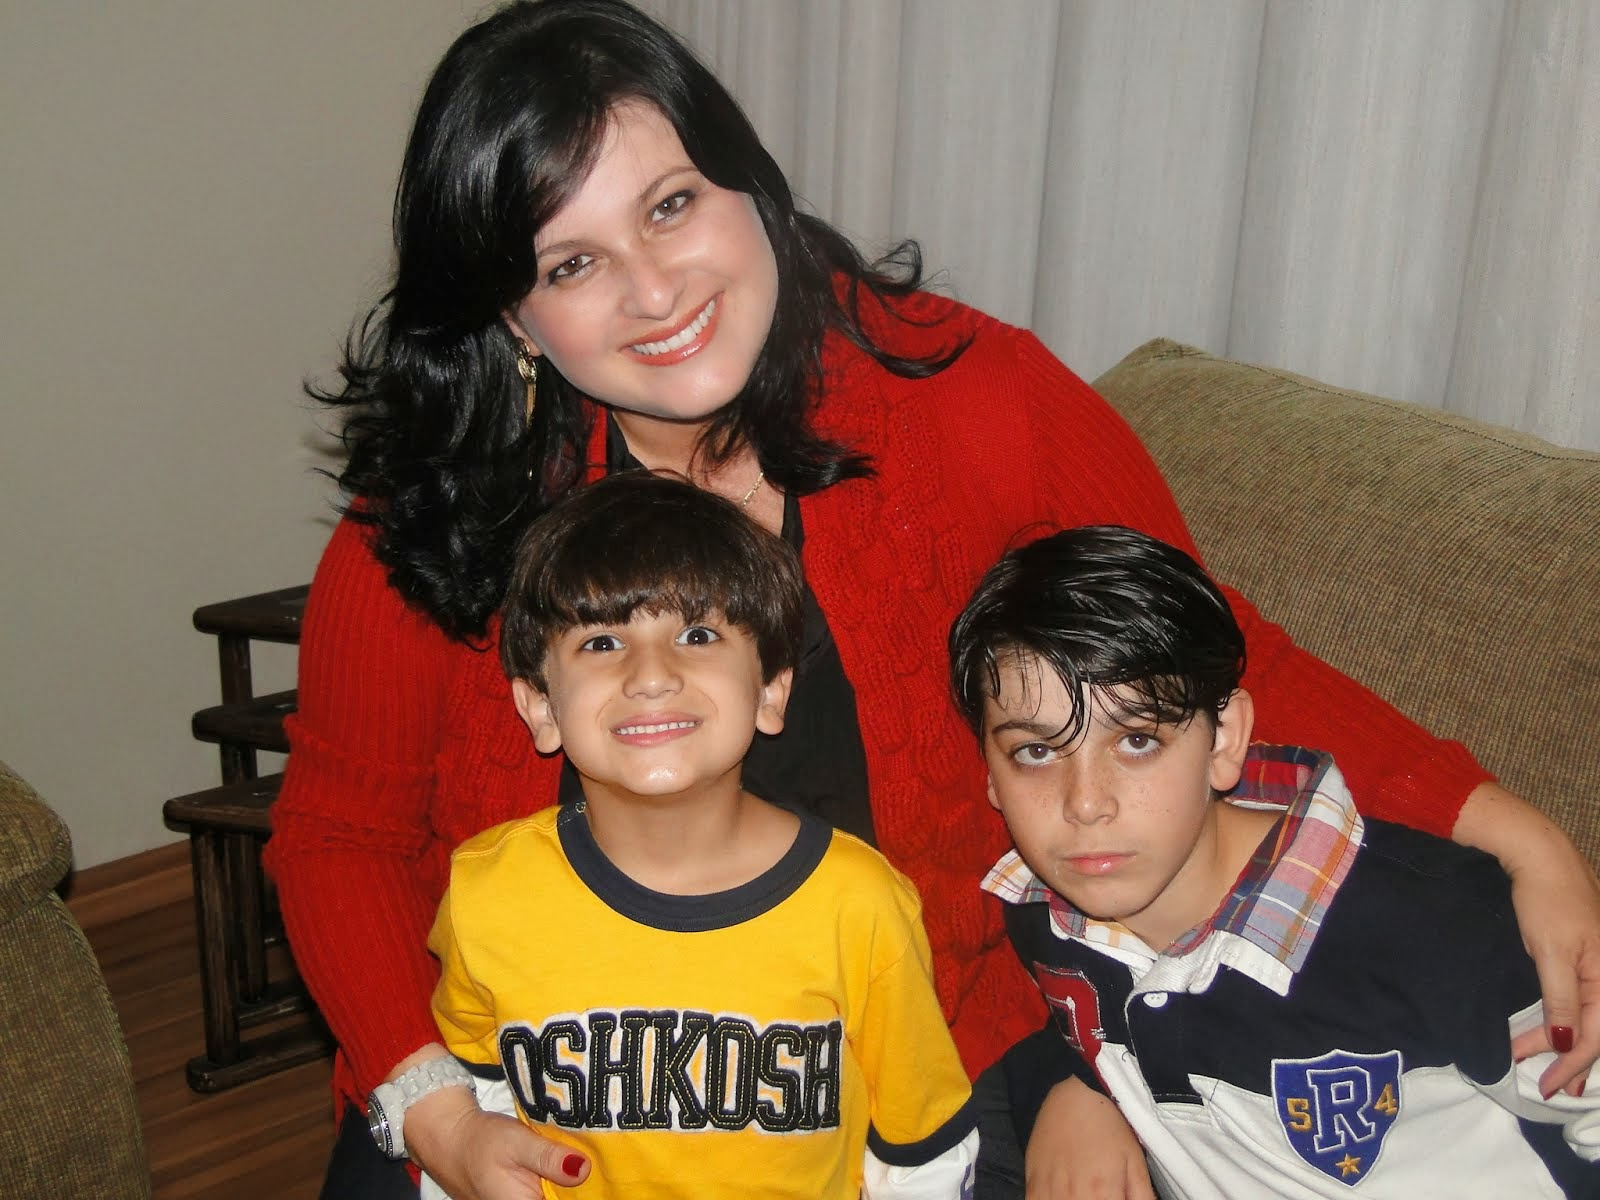 Meus filhos queridos Pedro e Heitor